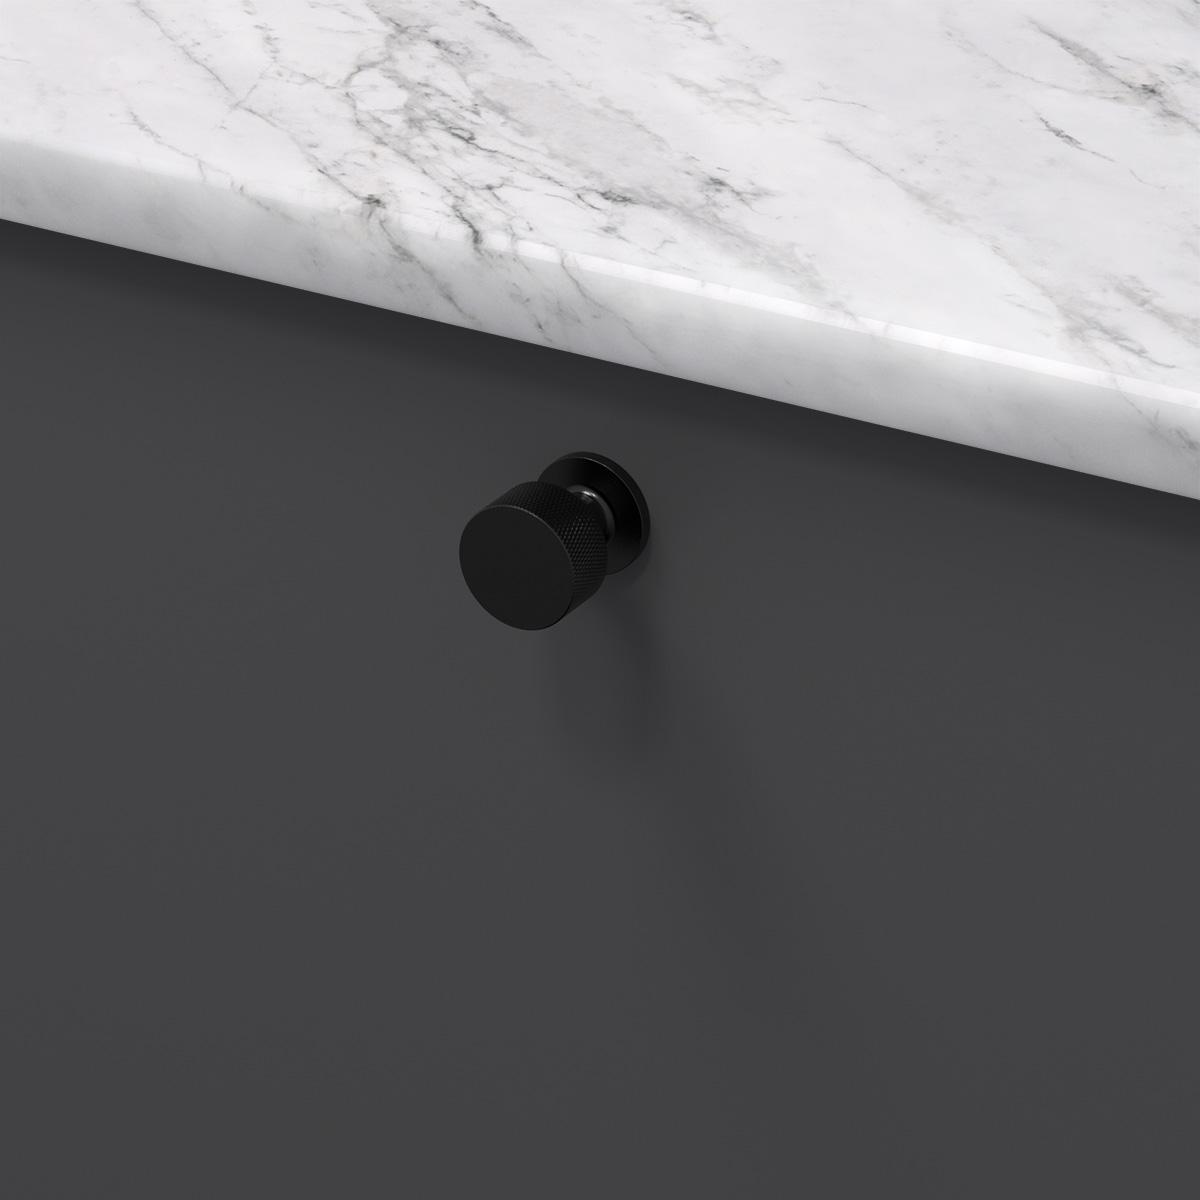 Knopp crest matt svart 309130 11 26 mm ncs s 7500 n marmor carrara